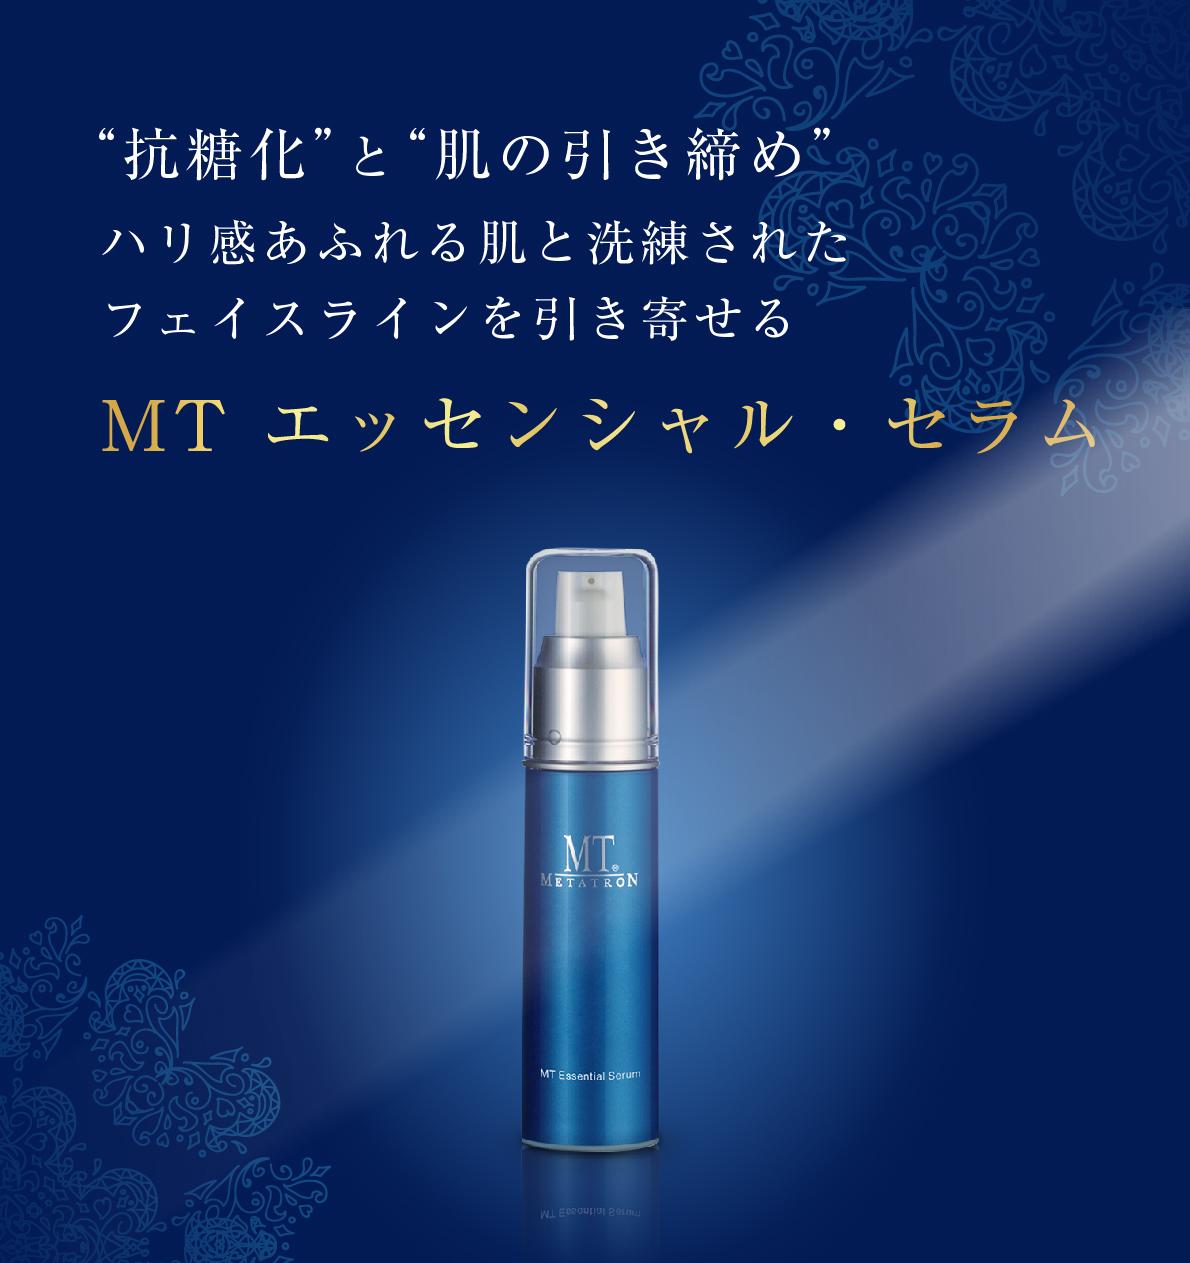 抗糖化と肌の引き締め。ハリ感あふれる肌と洗練されたフェイスラインを引き寄せる。MTエッセンシャル・セラム